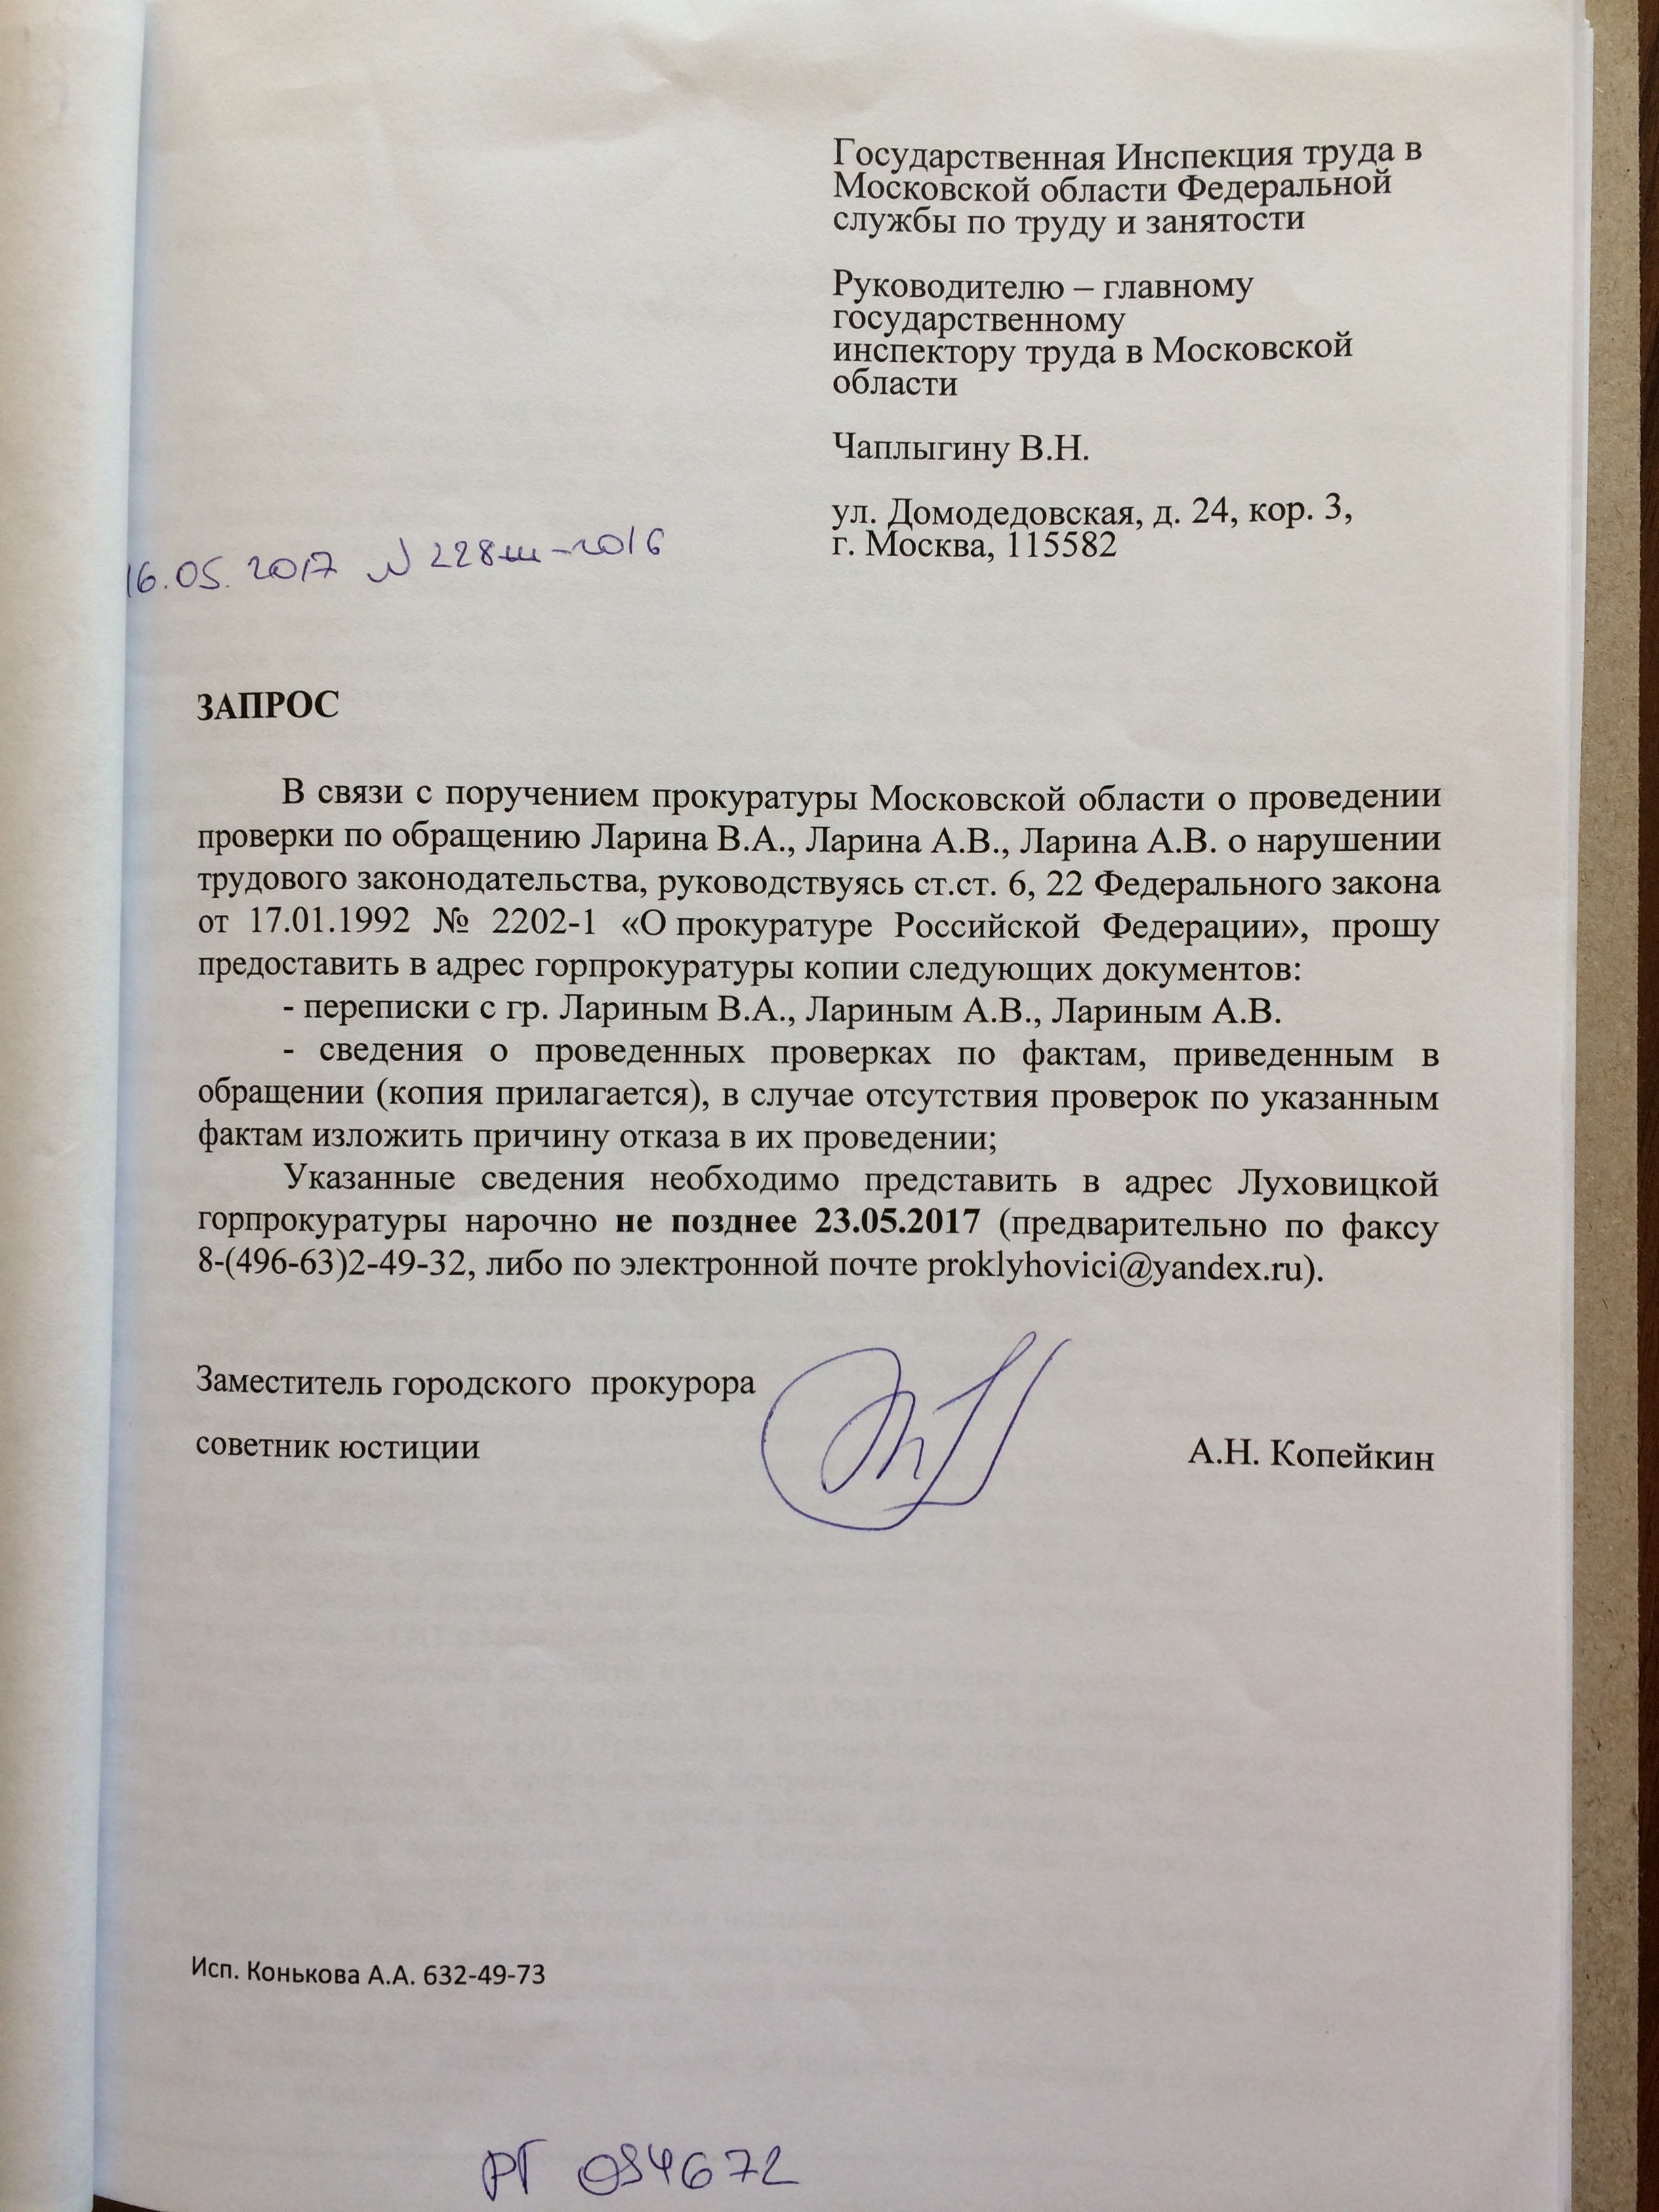 Фото документов проверки Луховицкой городской прокуратурой - 14 (5)